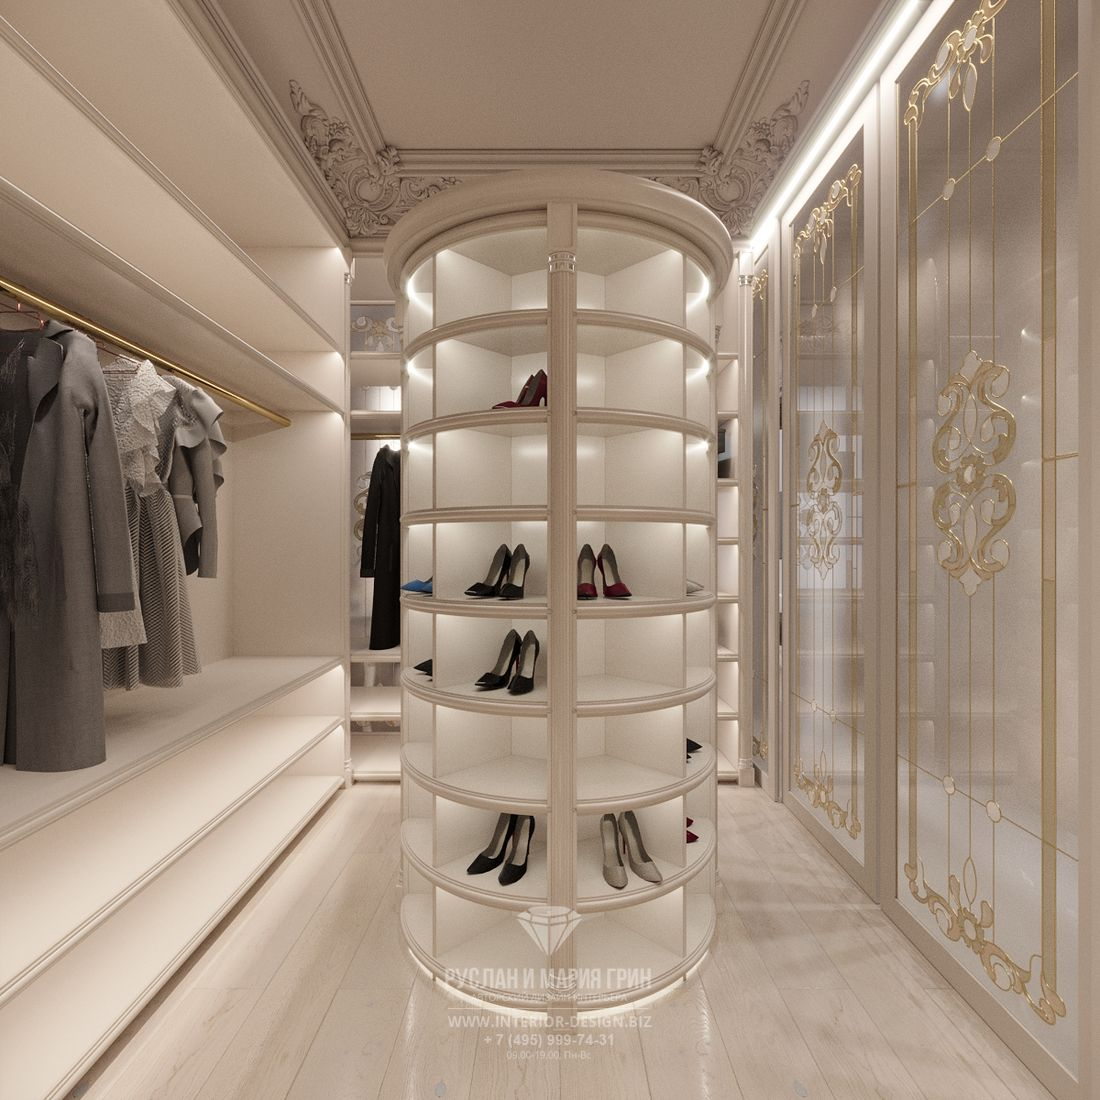 Дизайн белой гардеробной в классическом стиле с круглым стеллажом для обуви